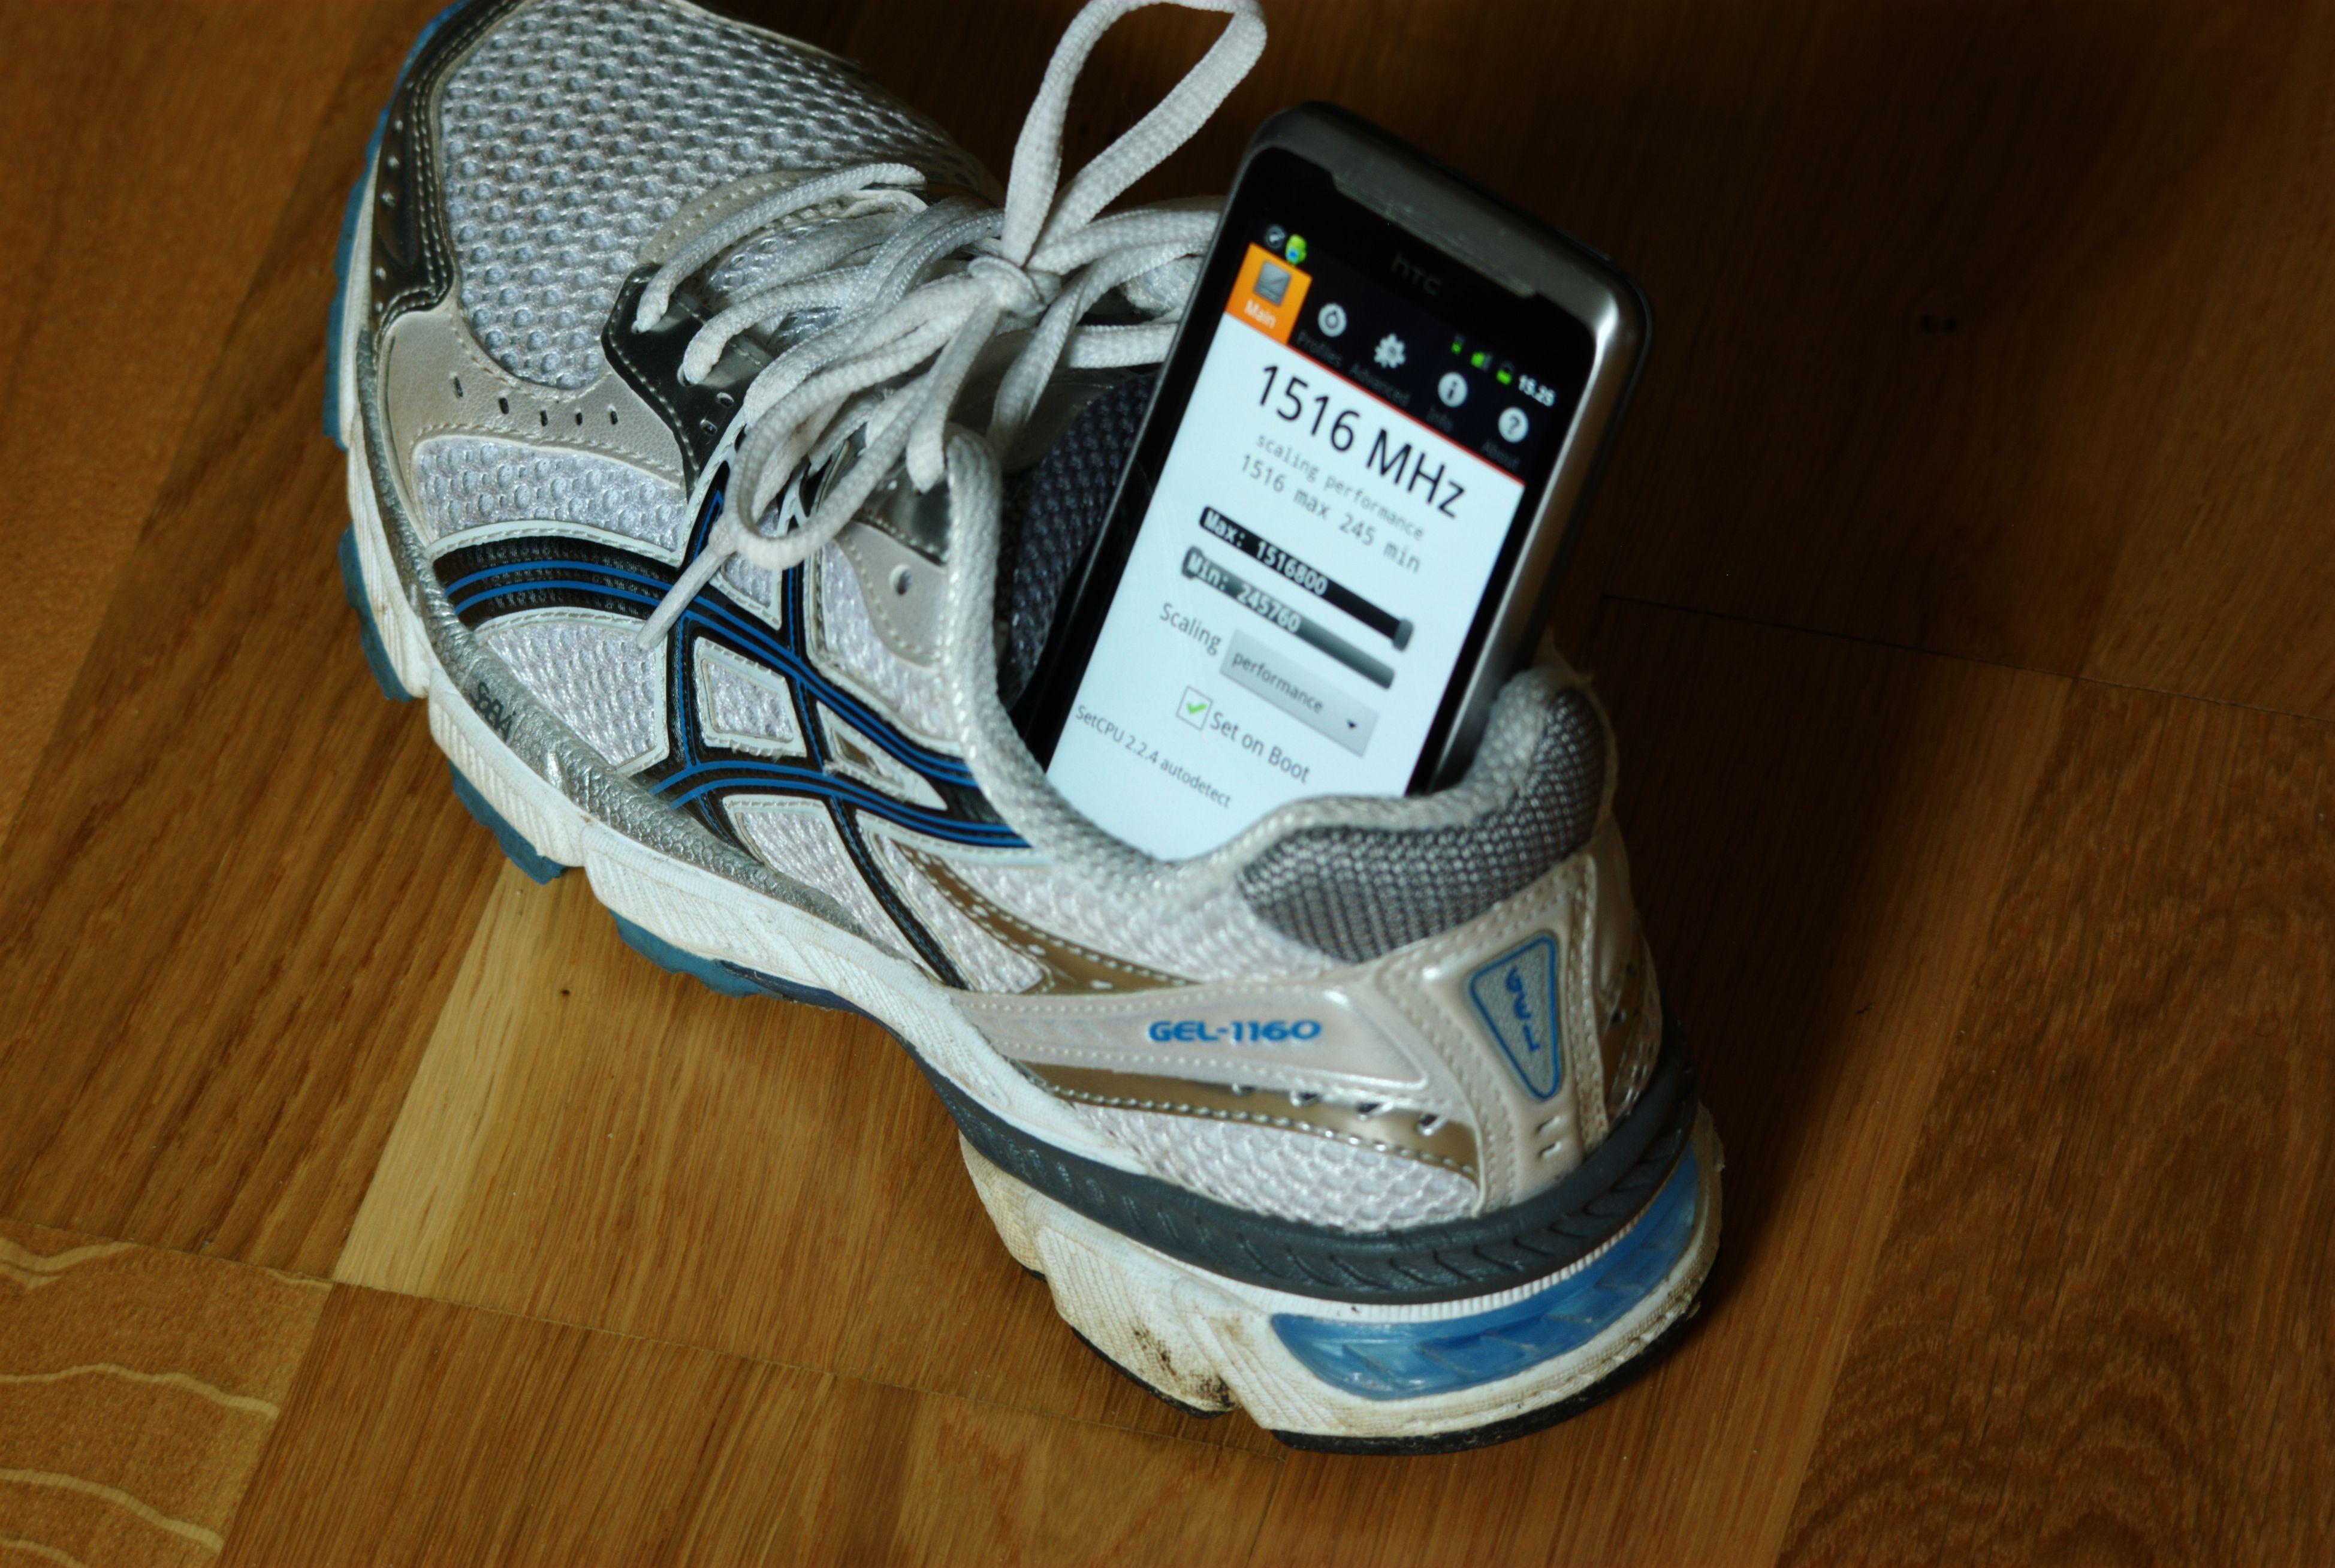 Rooting kan gi deg en raskere mobil. Har du en eldre og treg mobil har du kanskje ikke så mye å tape? Foto: Einar Eriksen